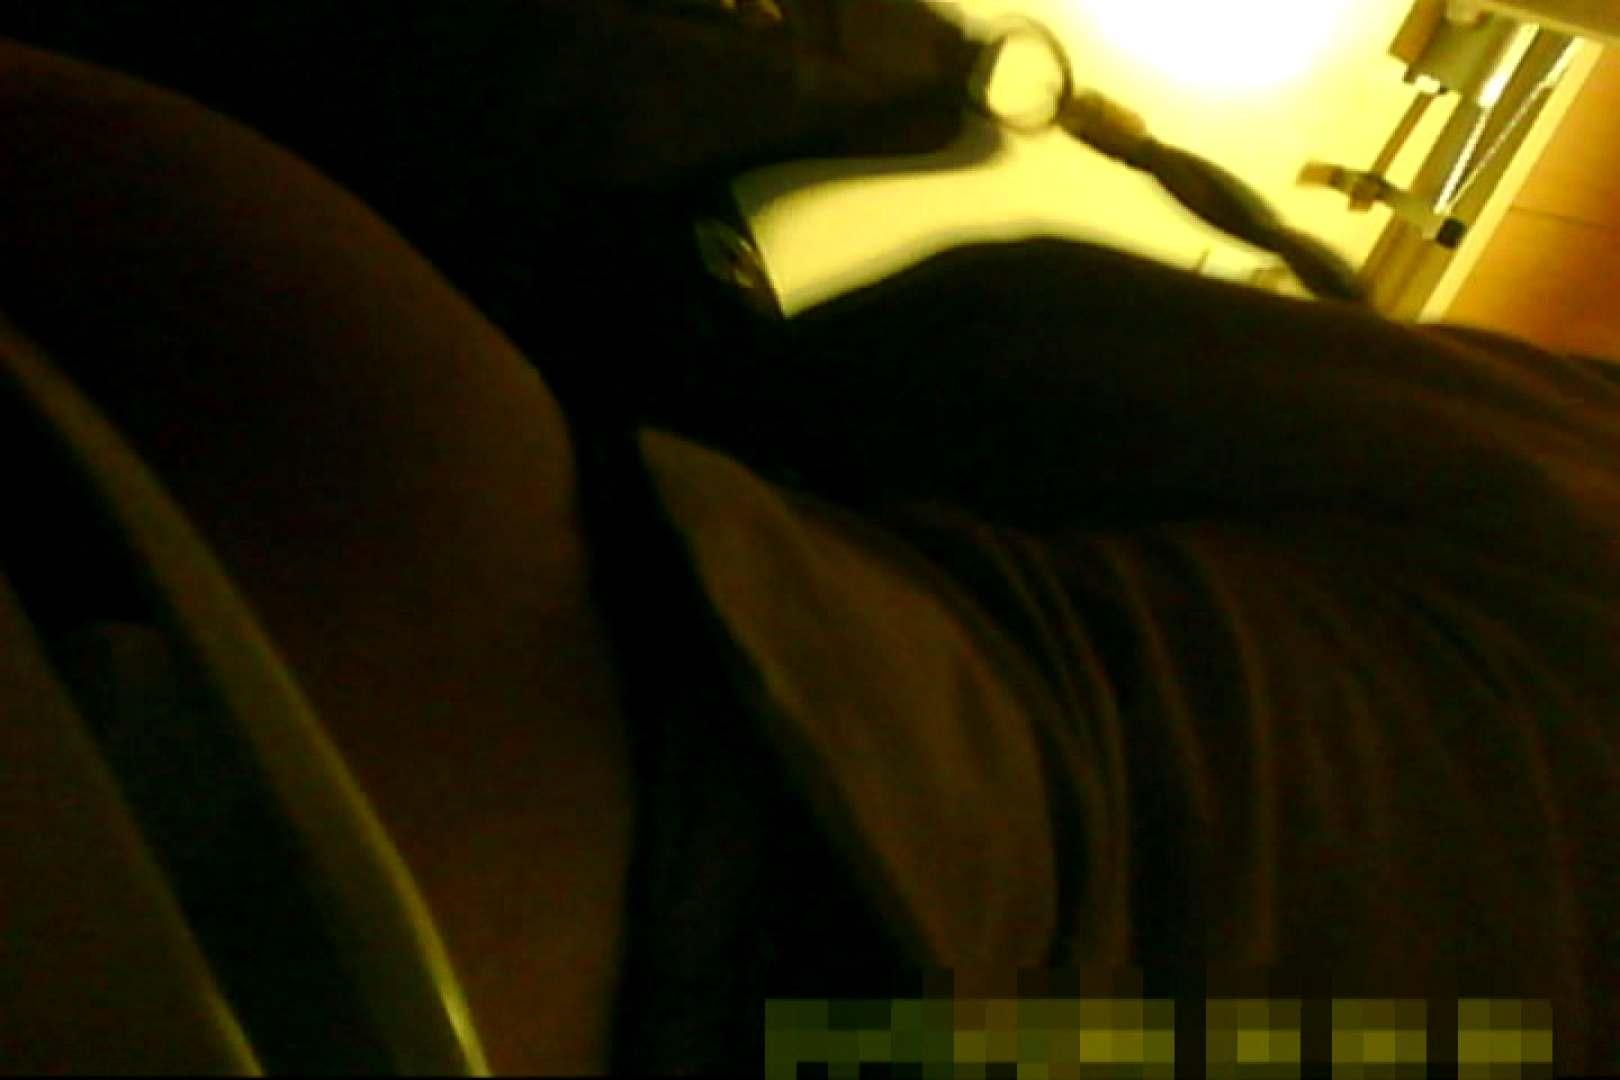 魅惑の化粧室~禁断のプライベート空間~20 盗撮師作品 AV無料動画キャプチャ 72pic 38